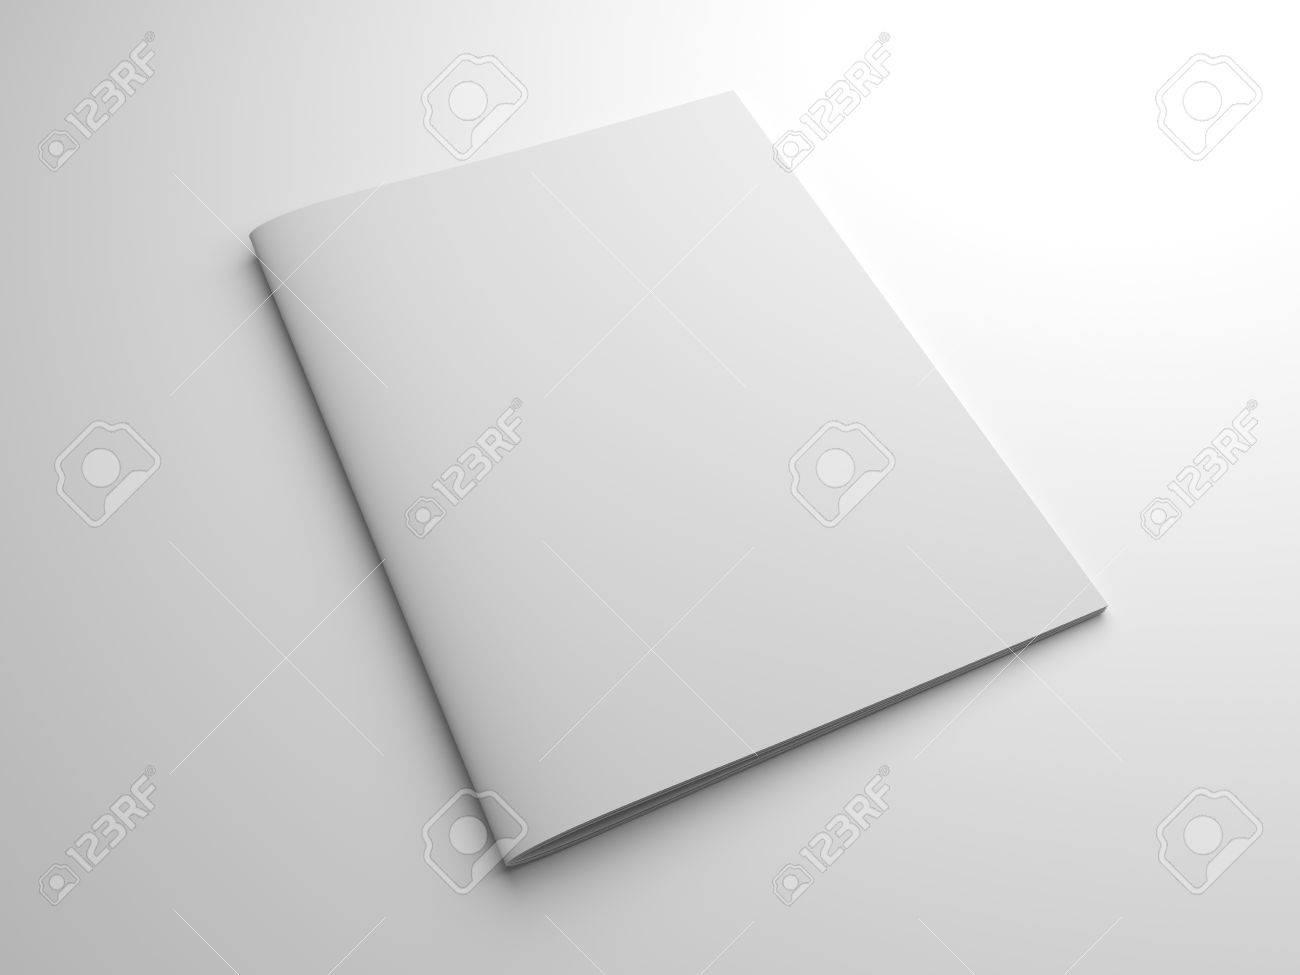 Blank Fotorealistische Broschüre Oder Ein Magazin In Der US-Letter ...